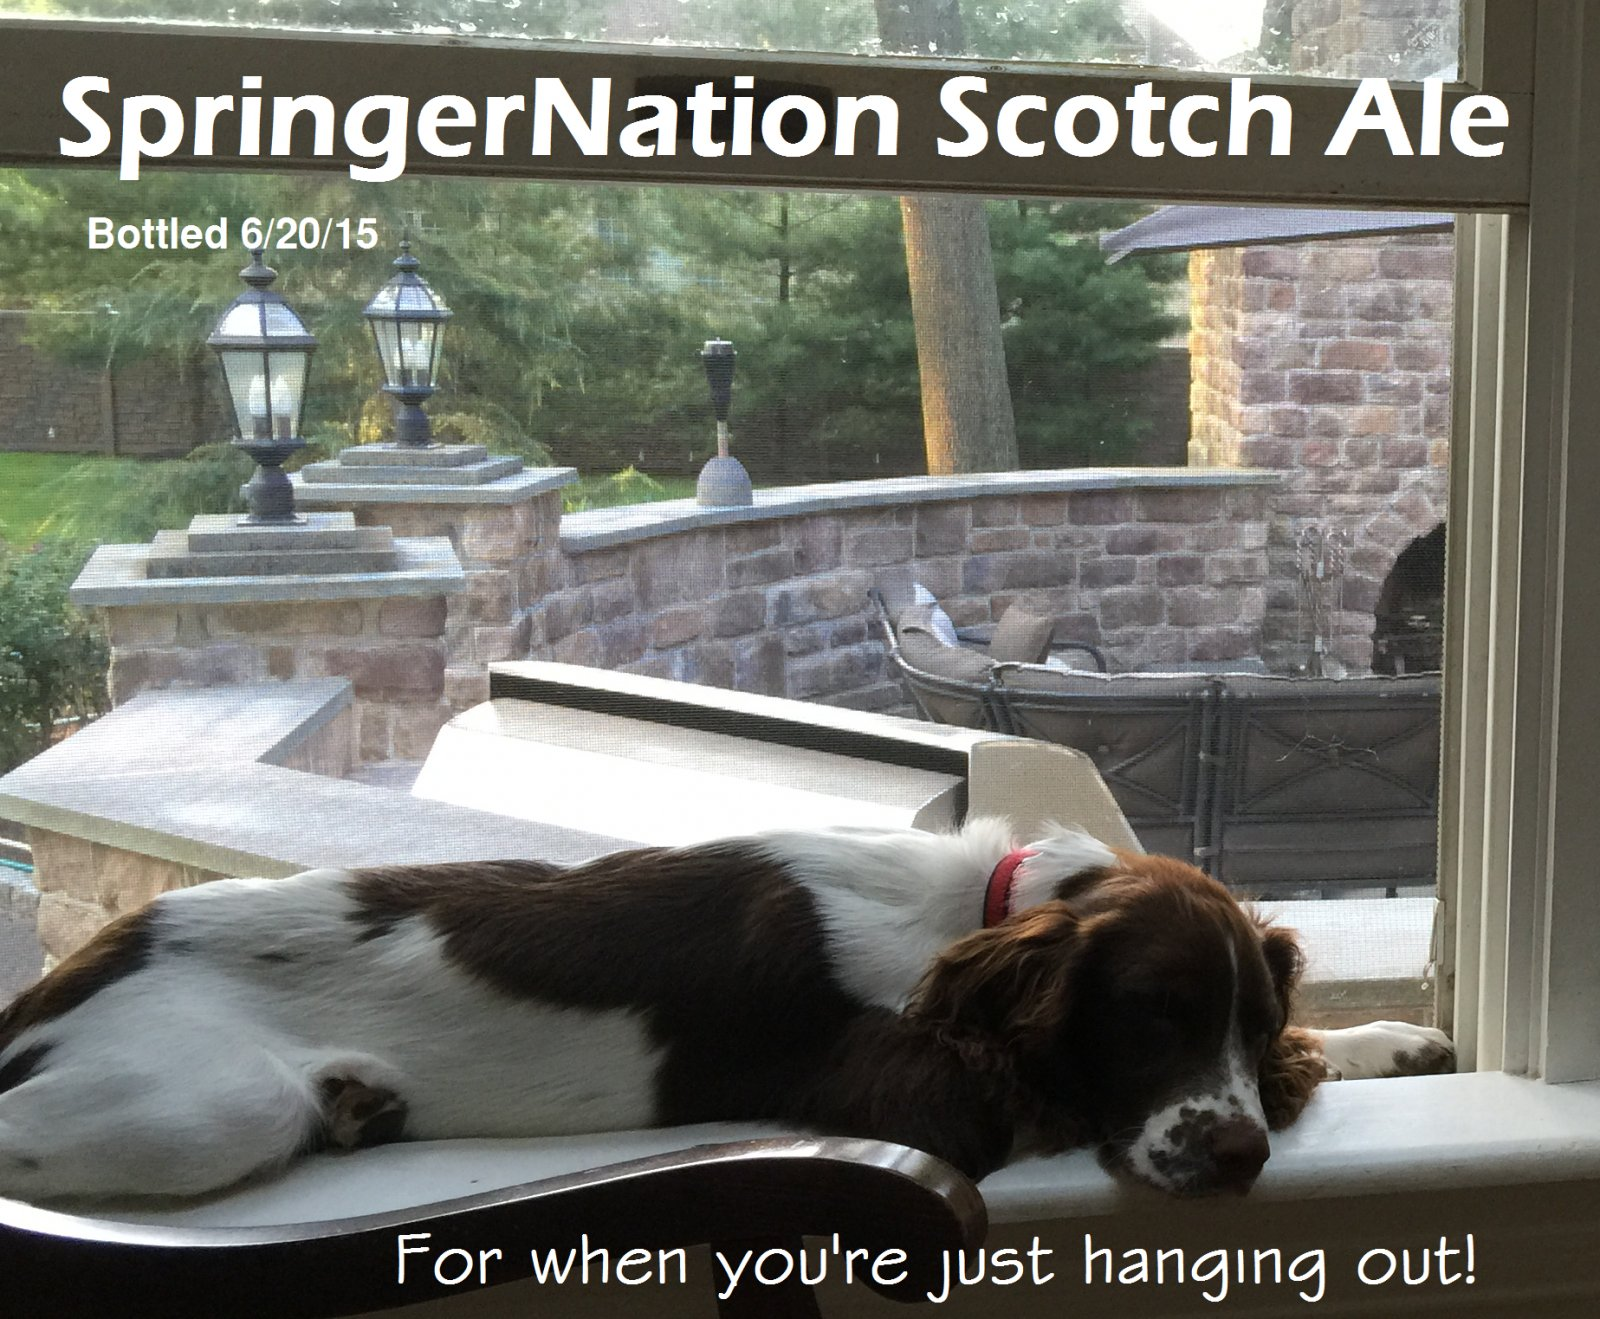 Click image for larger version  Name:SpringerNation Scotch Ale Label3.jpg Views:41 Size:380.8 KB ID:101503